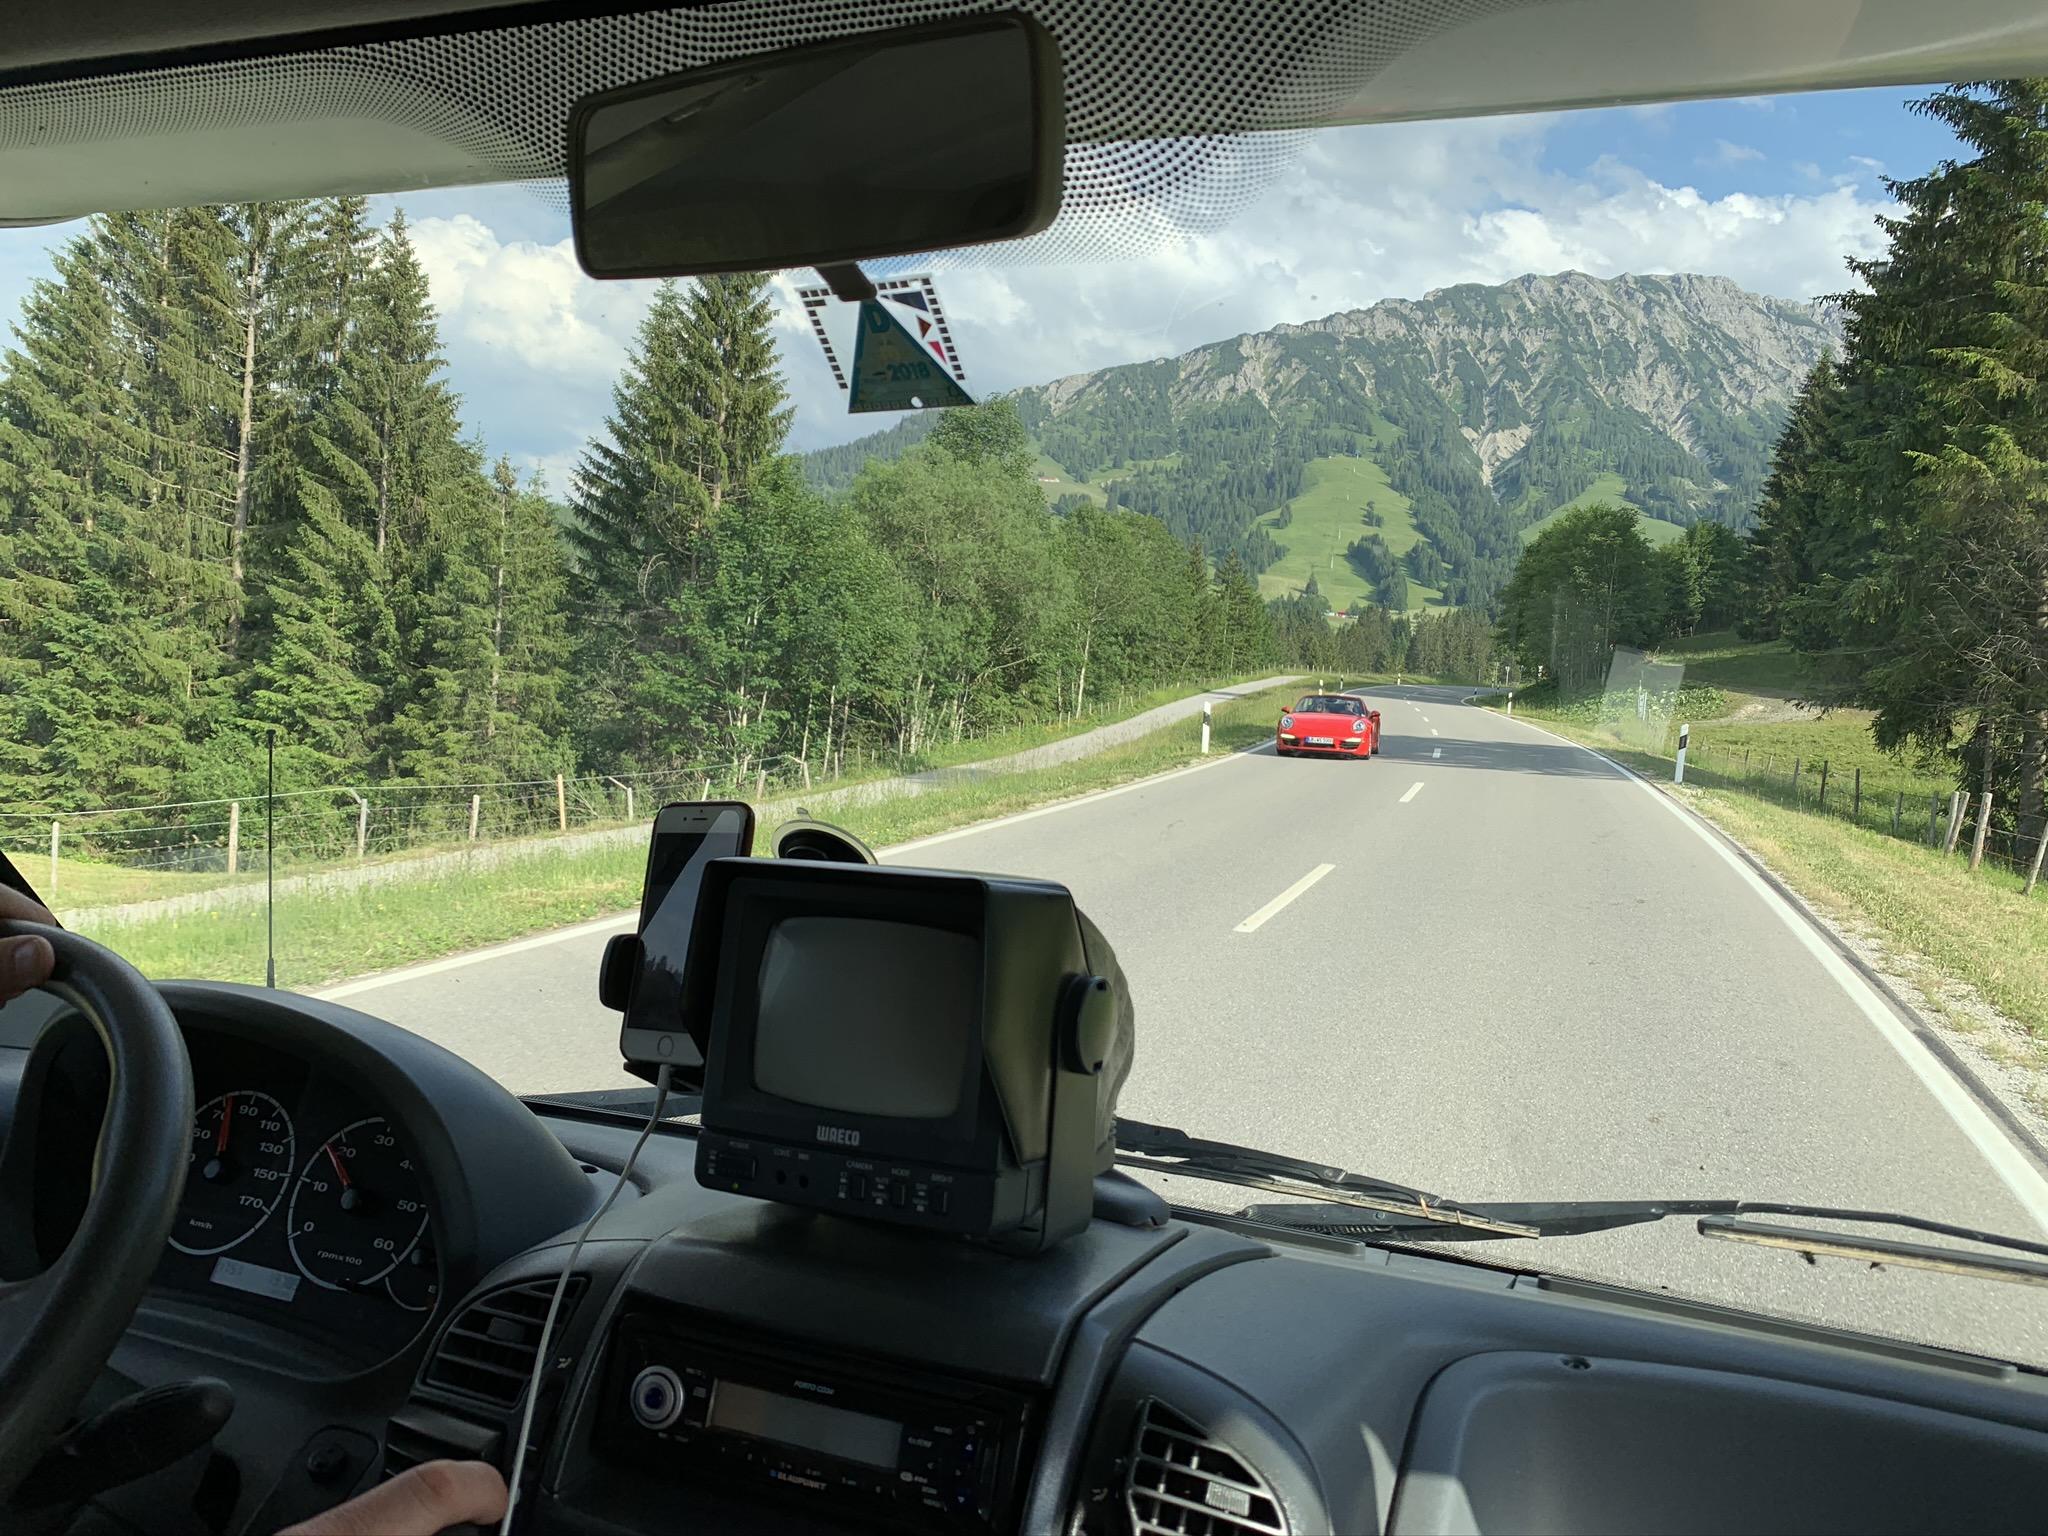 Mit dem Wohnmobil durch Bayern – schöne Stellplätze für Familien mit Kindern [Werbung]